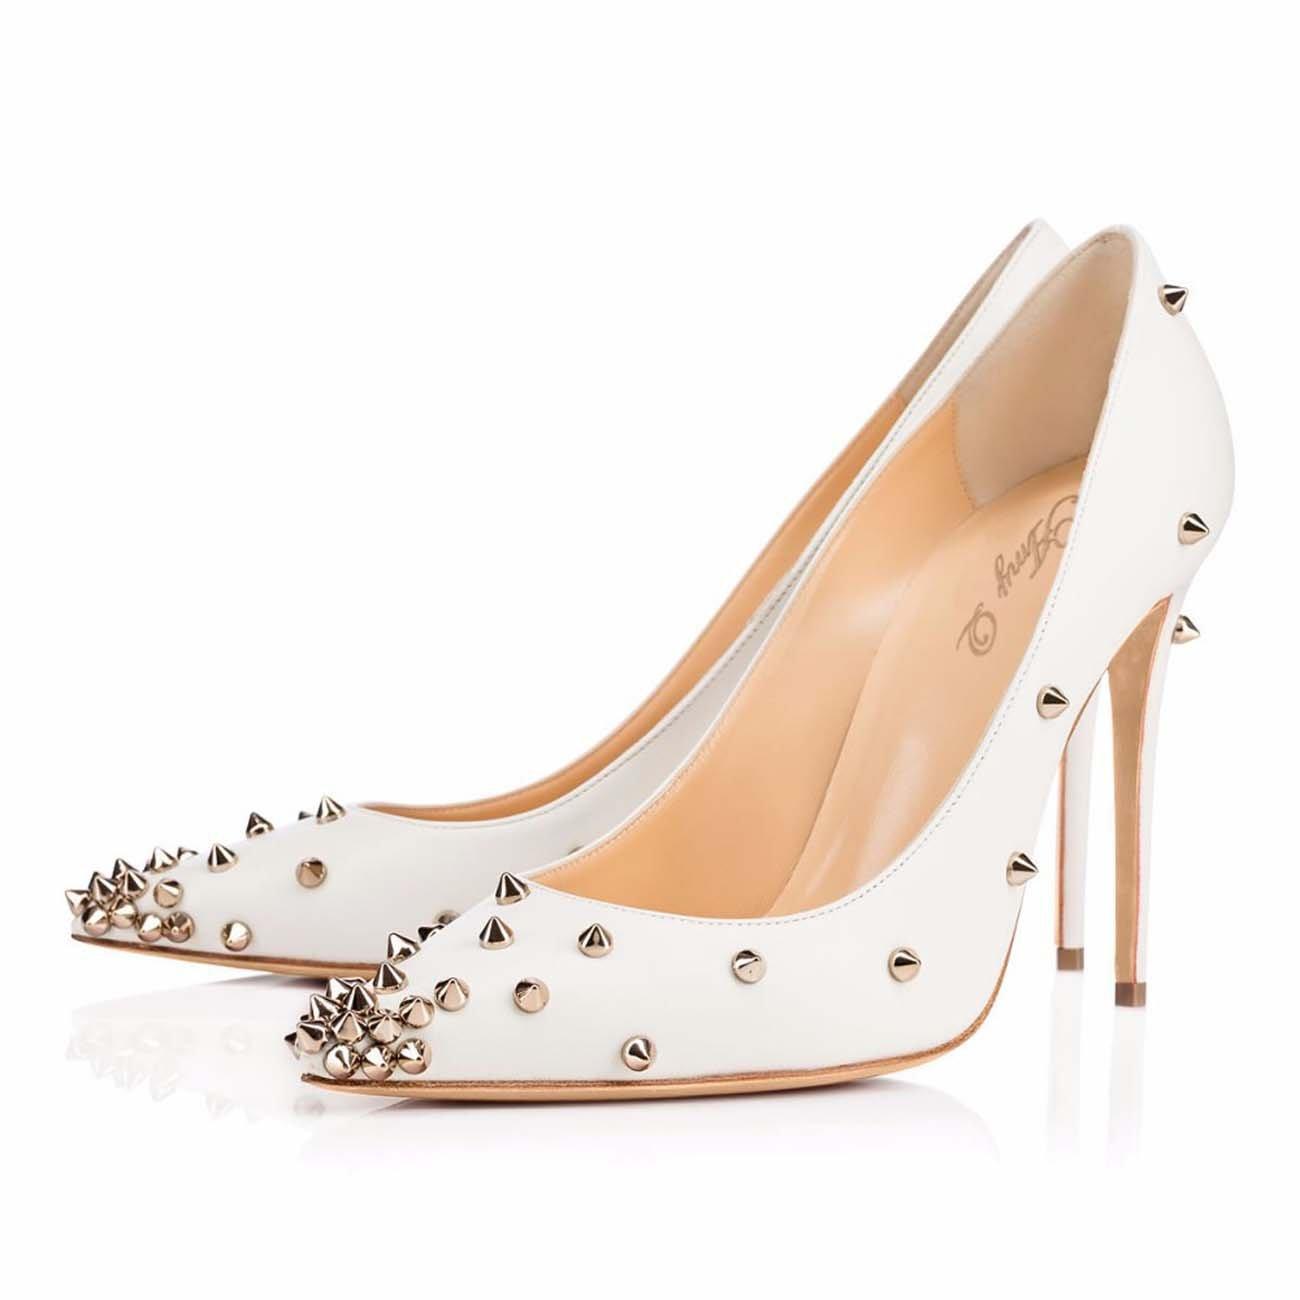 GONGFF Zapatos De Tacón Alto De Remache Blanco para para para Mujer Zapato De Mujer De Moda,1,40 1c65e6